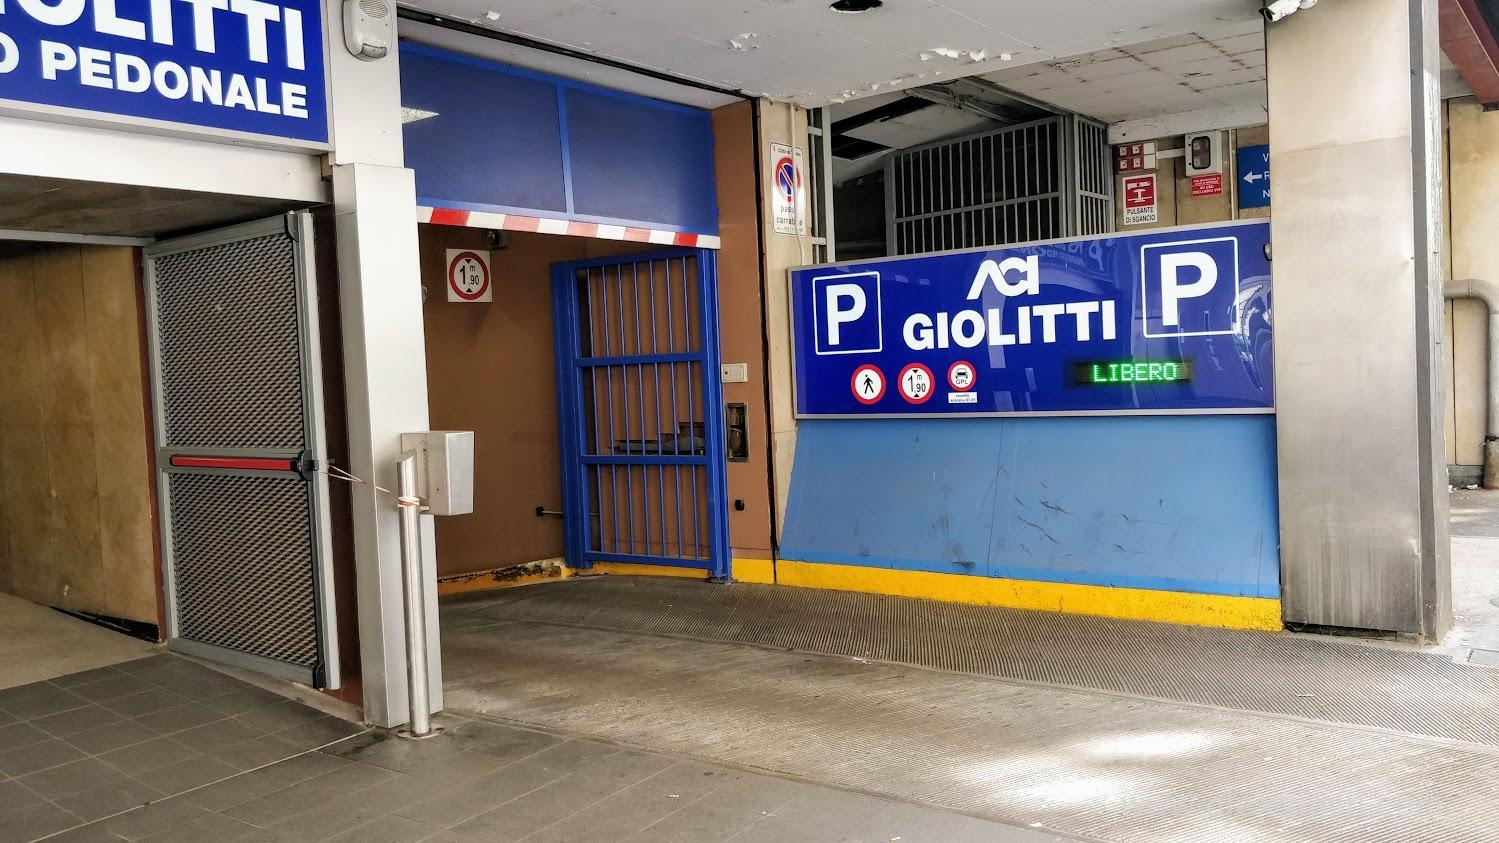 Подземный паркинг в центре Турина (Италия)